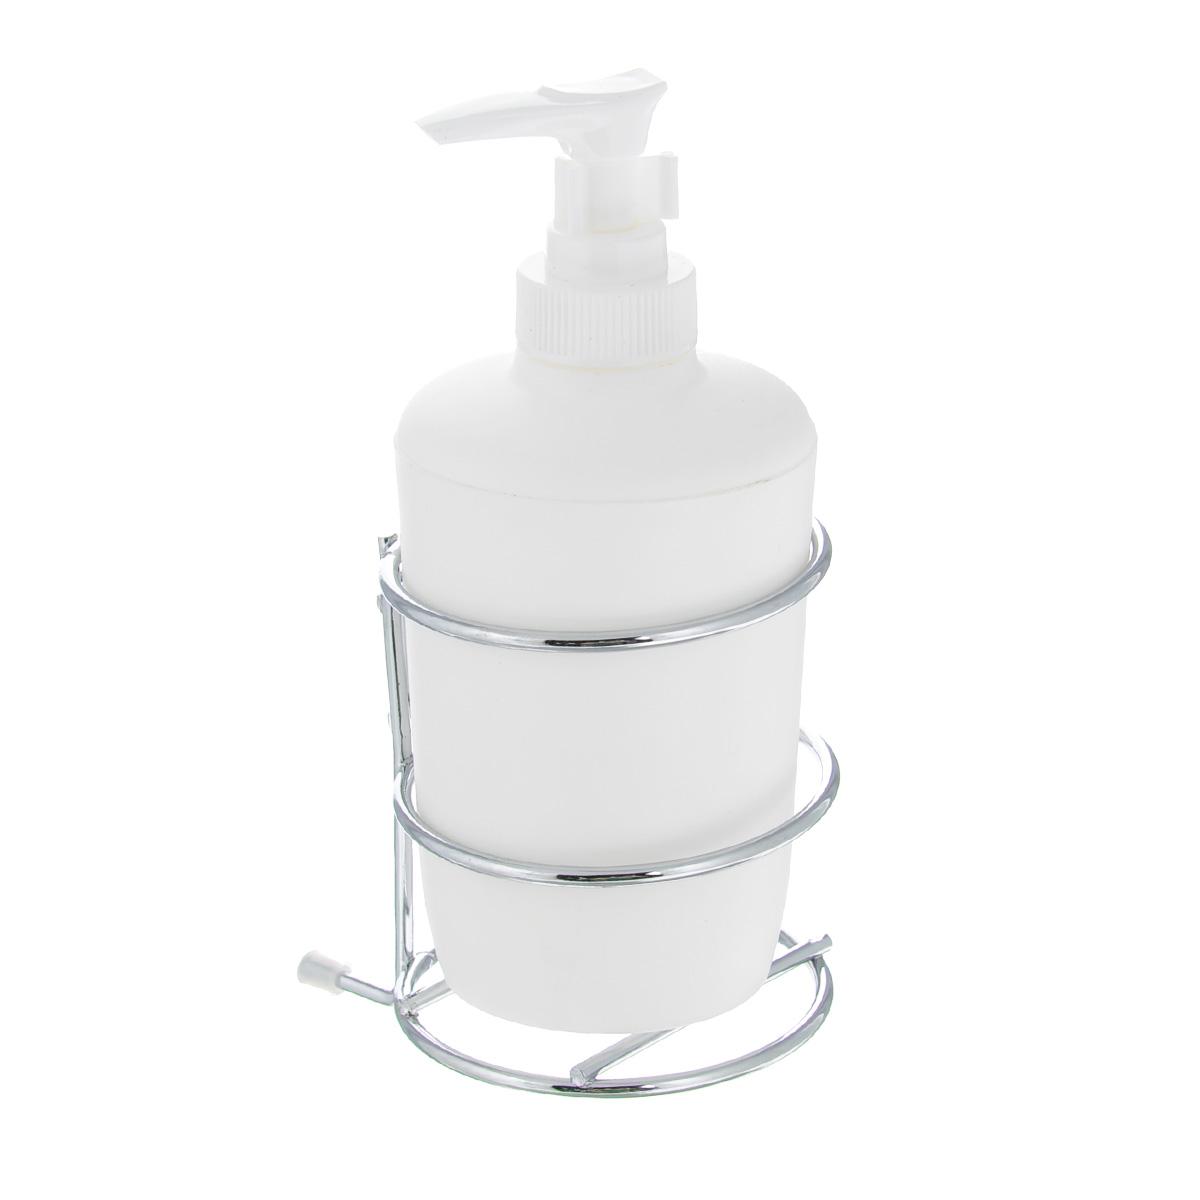 Дозатор для жидкого мыла Wenko Milazzo, с держателем16985100